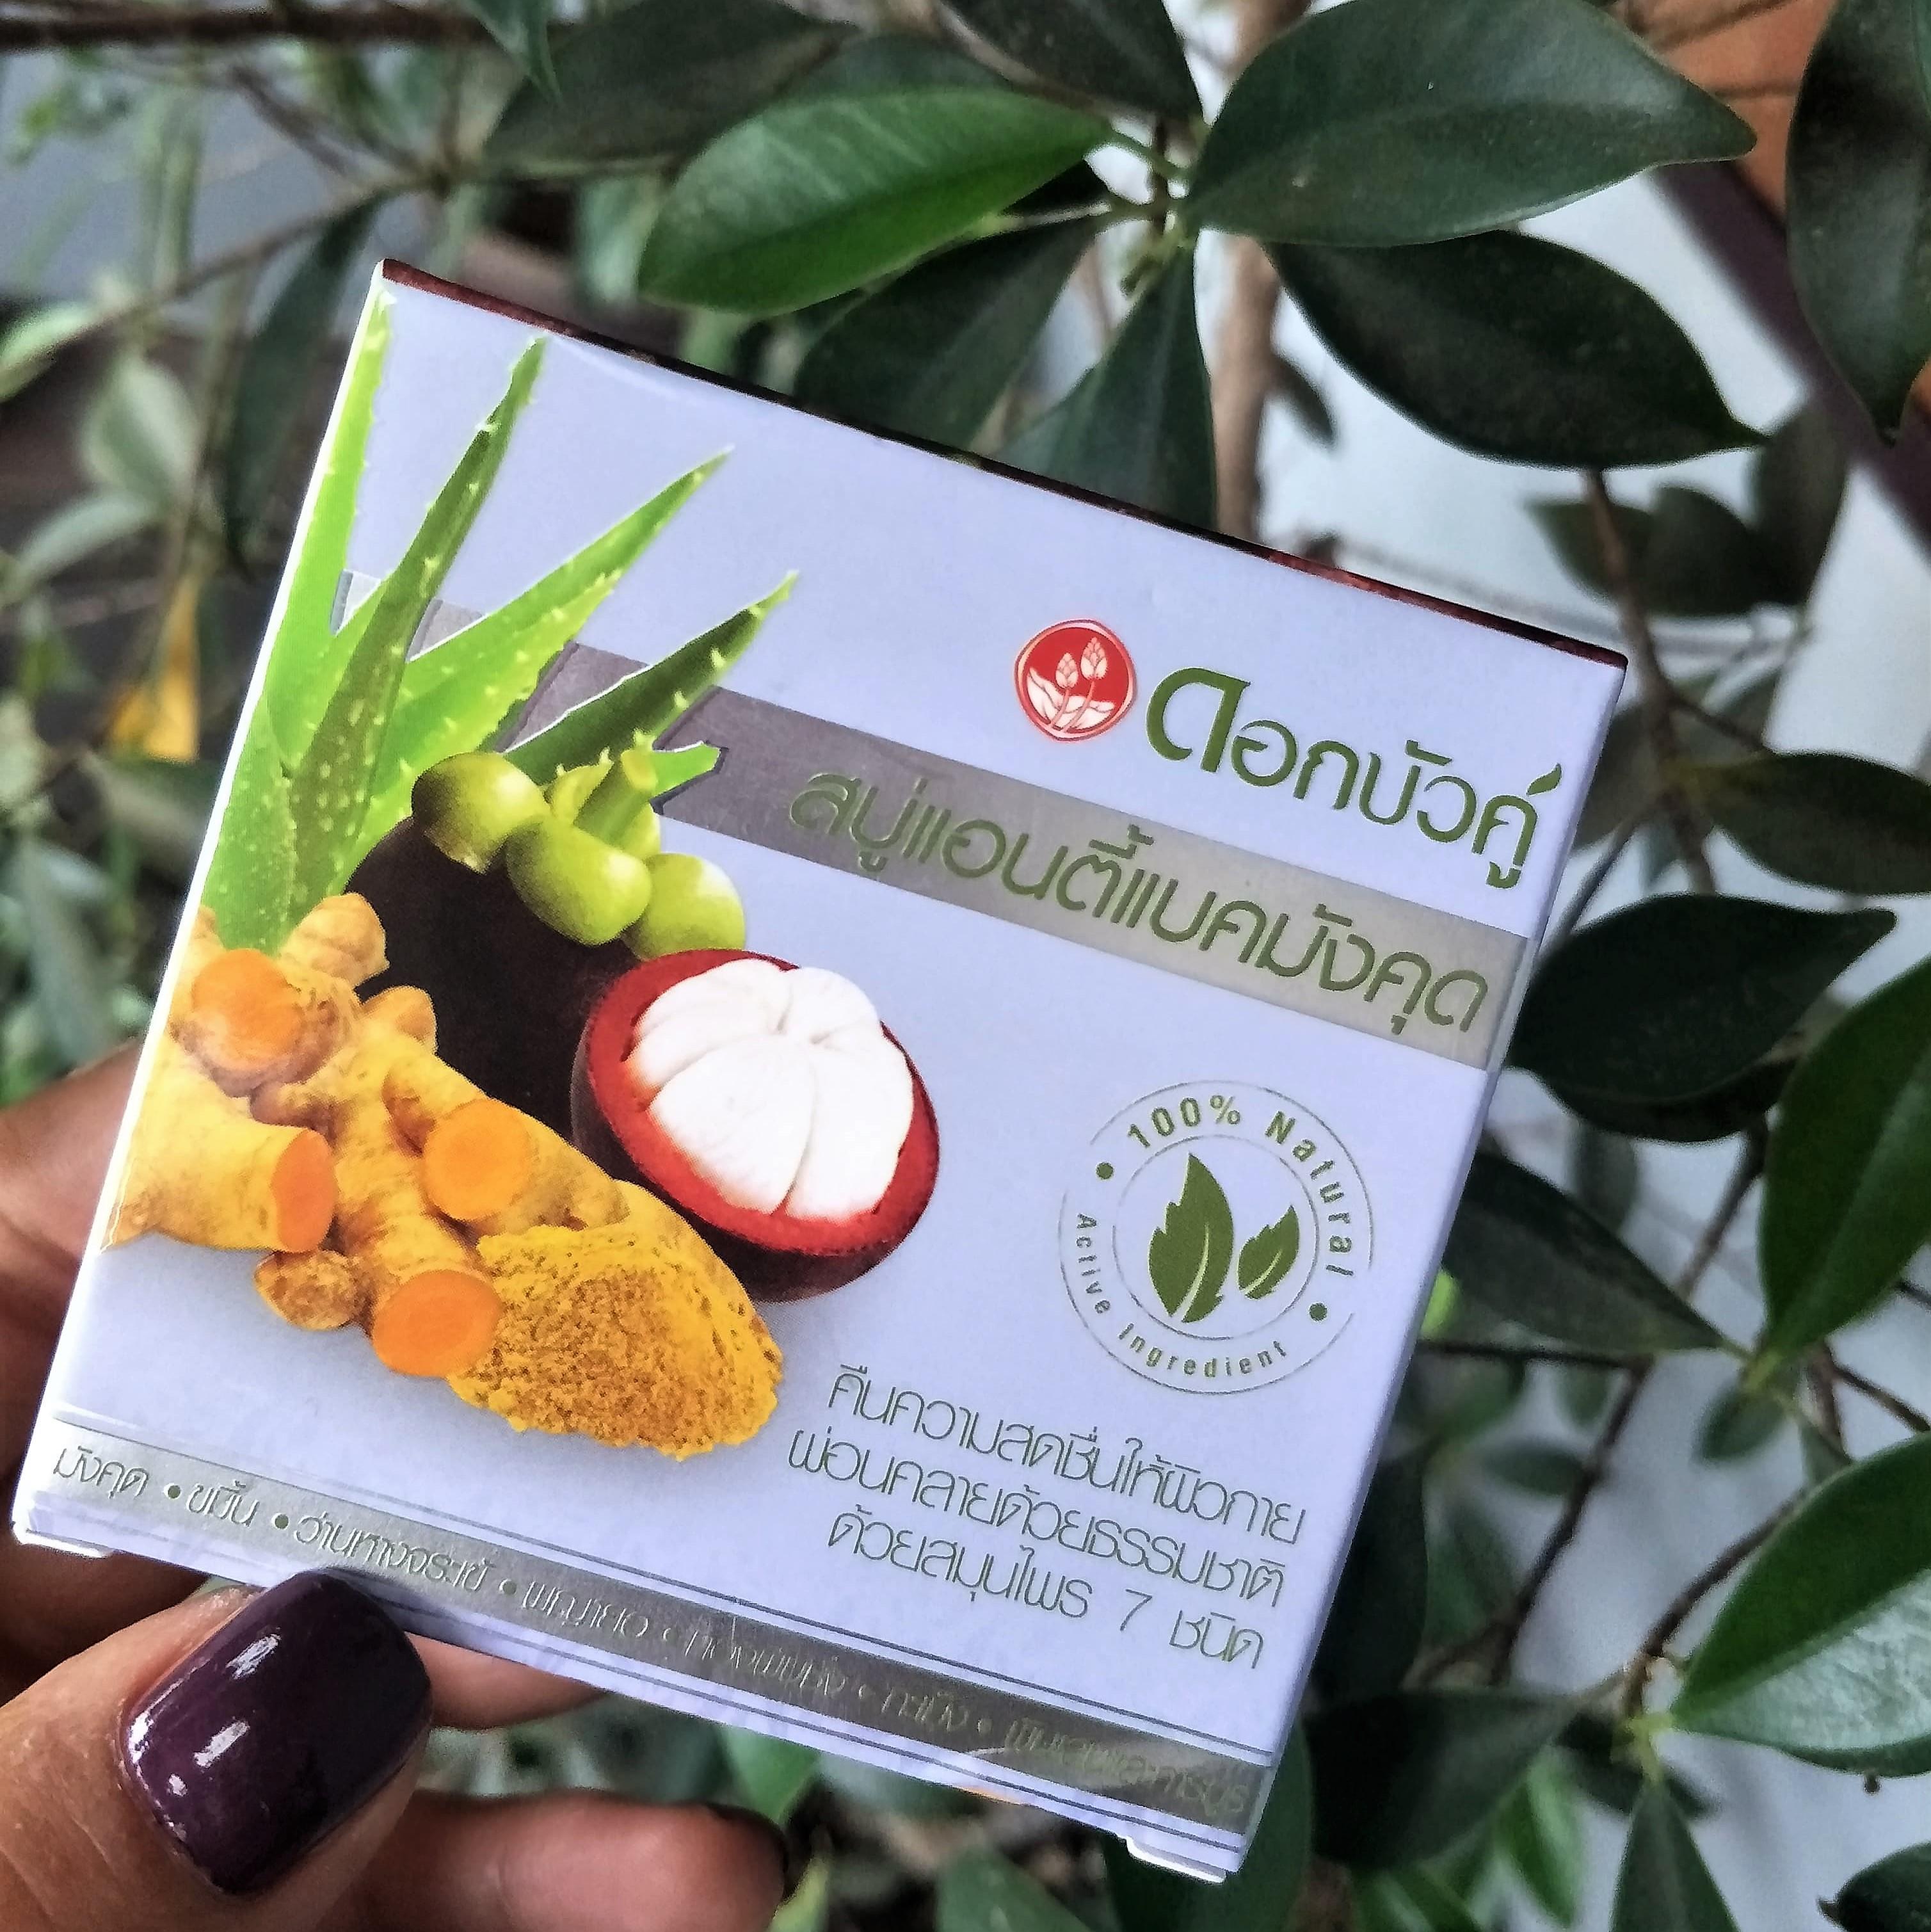 Sabonete natural de mangostão